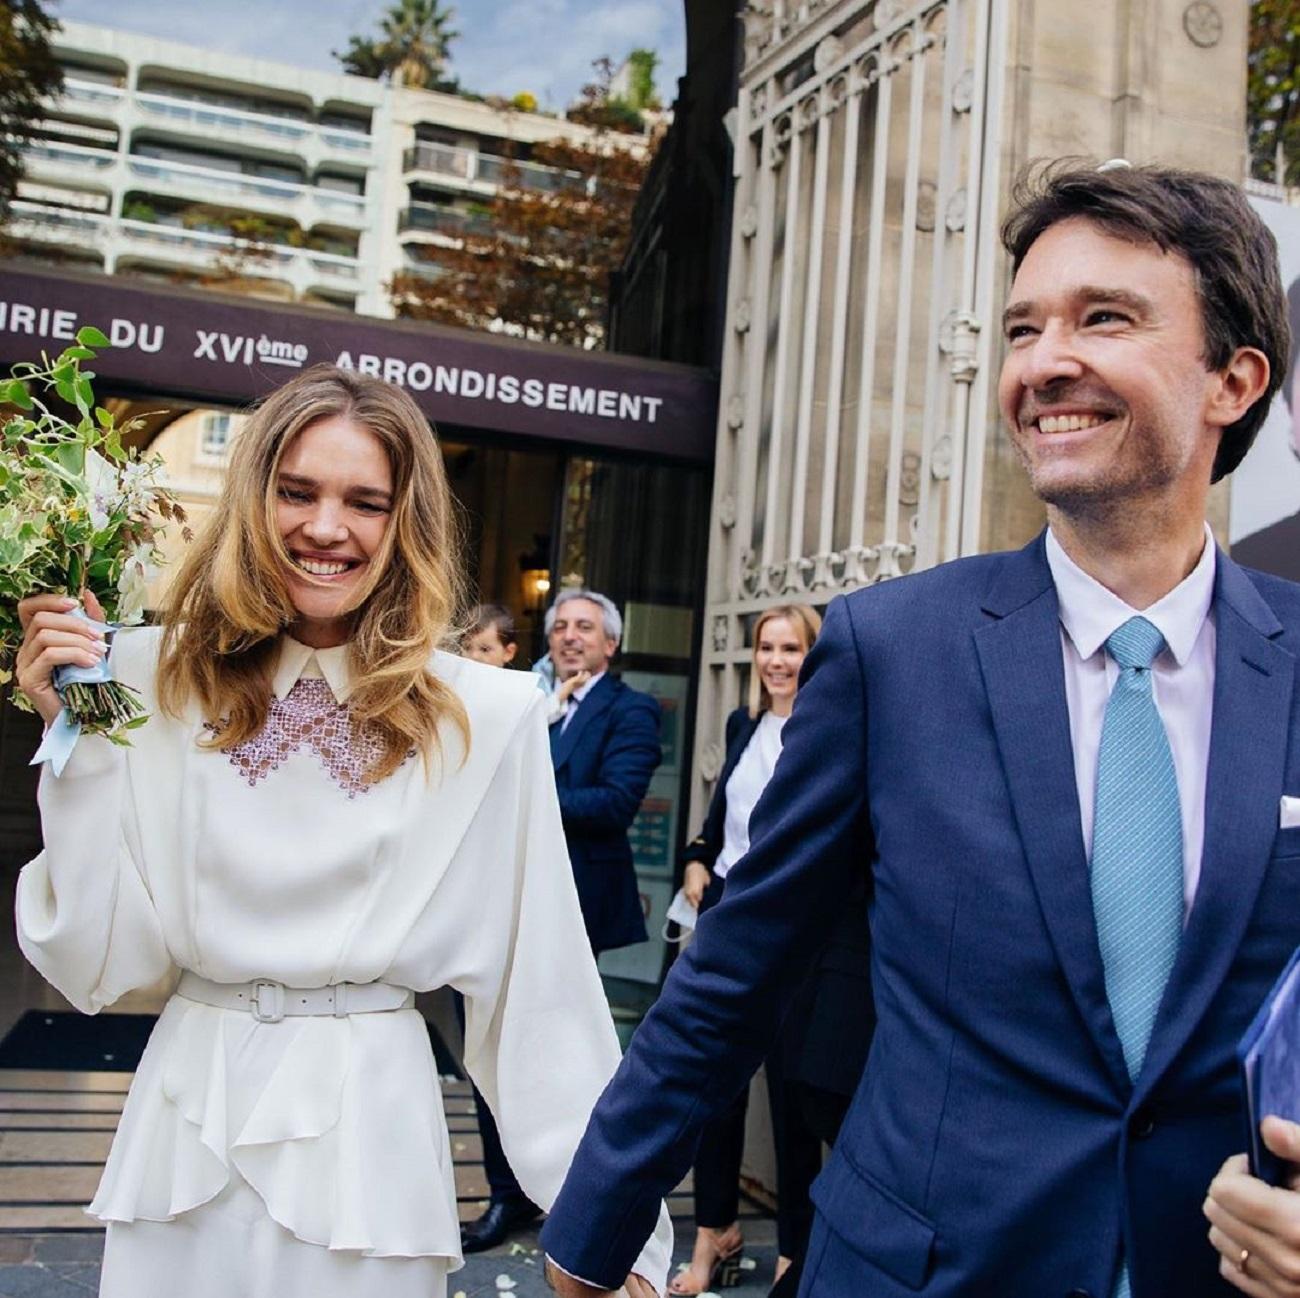 Антуан выносит мусор: Наталья Водянова шокировала поклонников подробностями семейной жизни с миллиардером